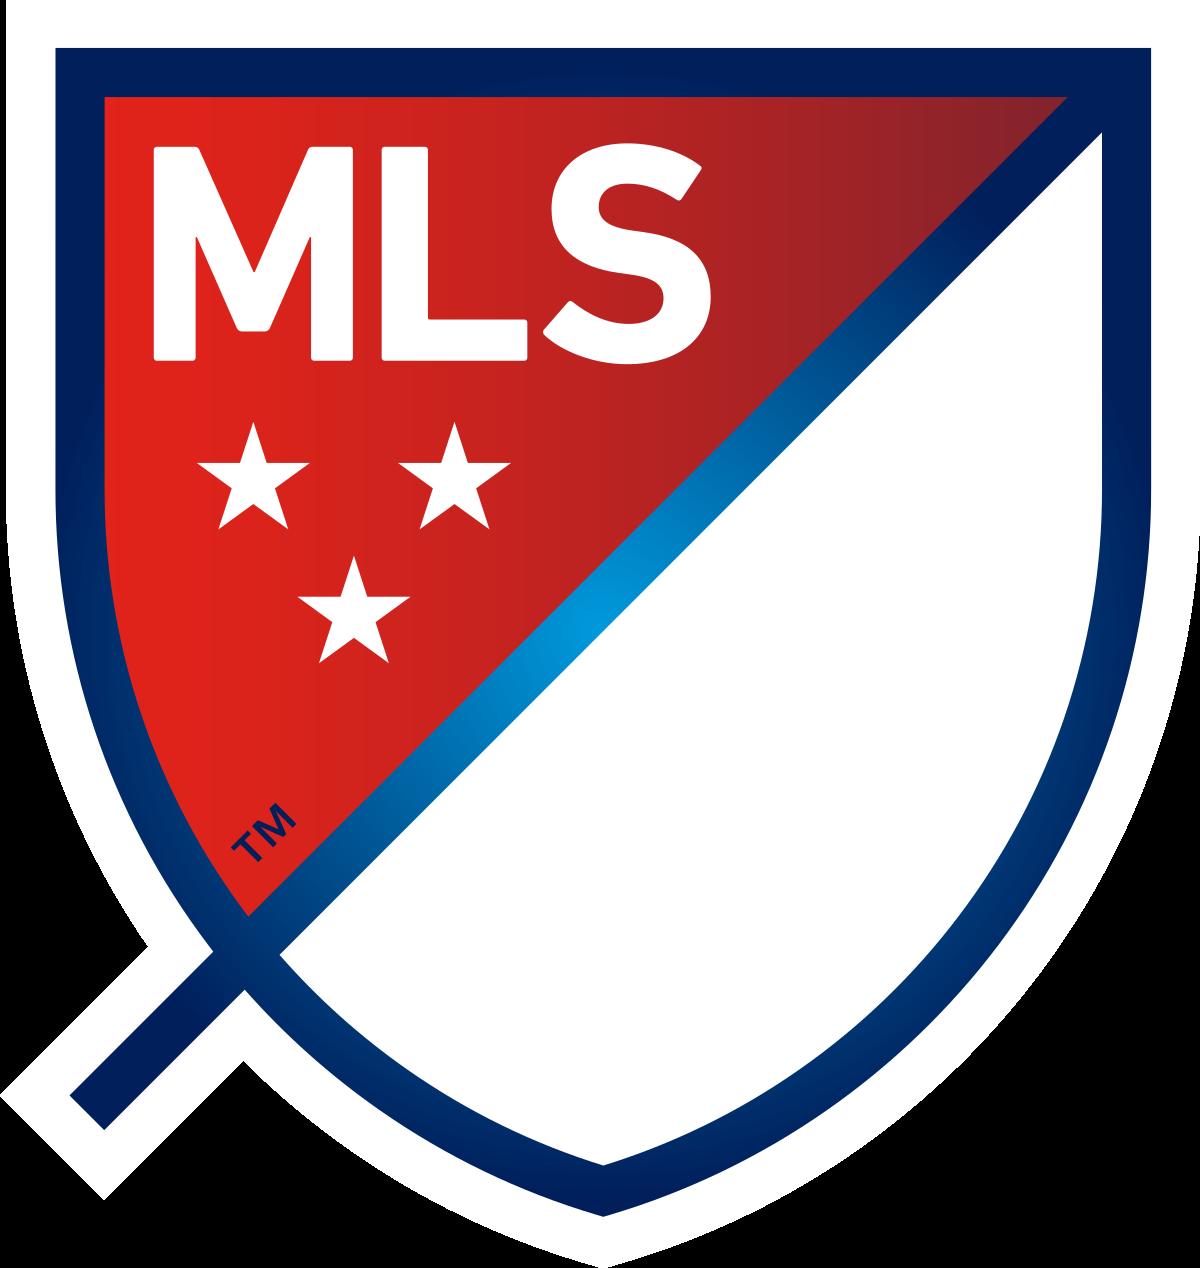 Major League Soccer.